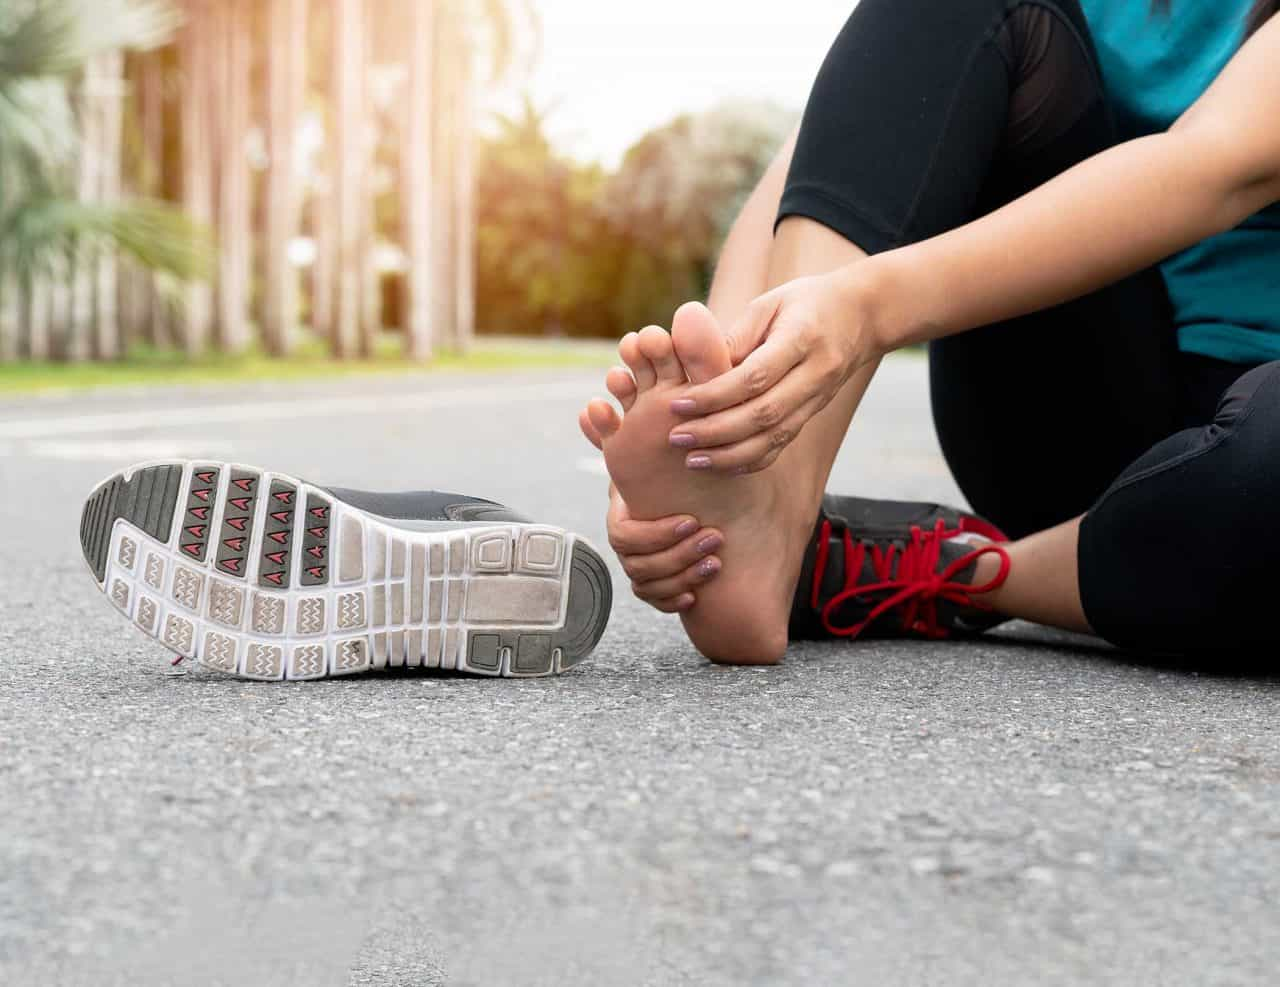 Kiểu dáng giày không hợp với chân gây đau nhức ngón chân